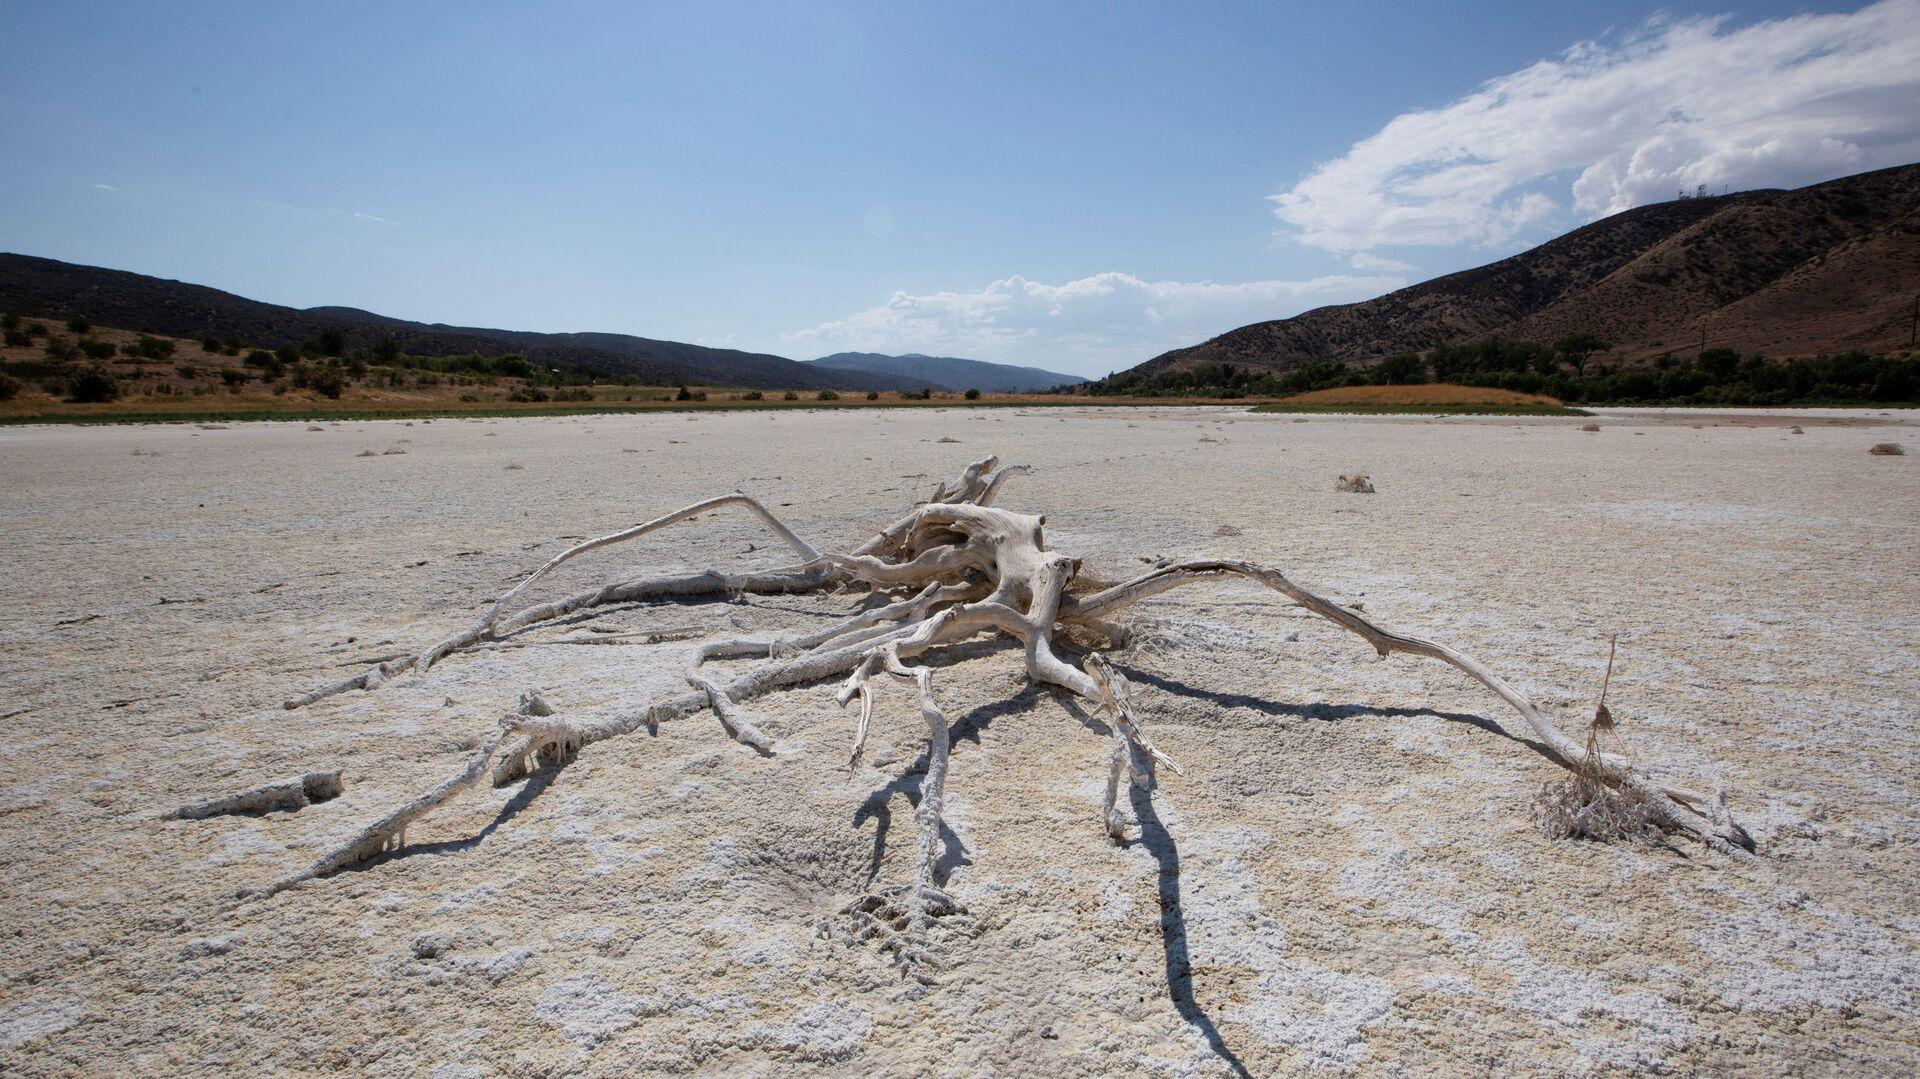 ABD'nin batı yakasında aşırı sıcak-kuraklık döngüsünde kuruyan Elizabeth Gölü (Los Angeles, Kaliforniya) - Sputnik Türkiye, 1920, 20.09.2021